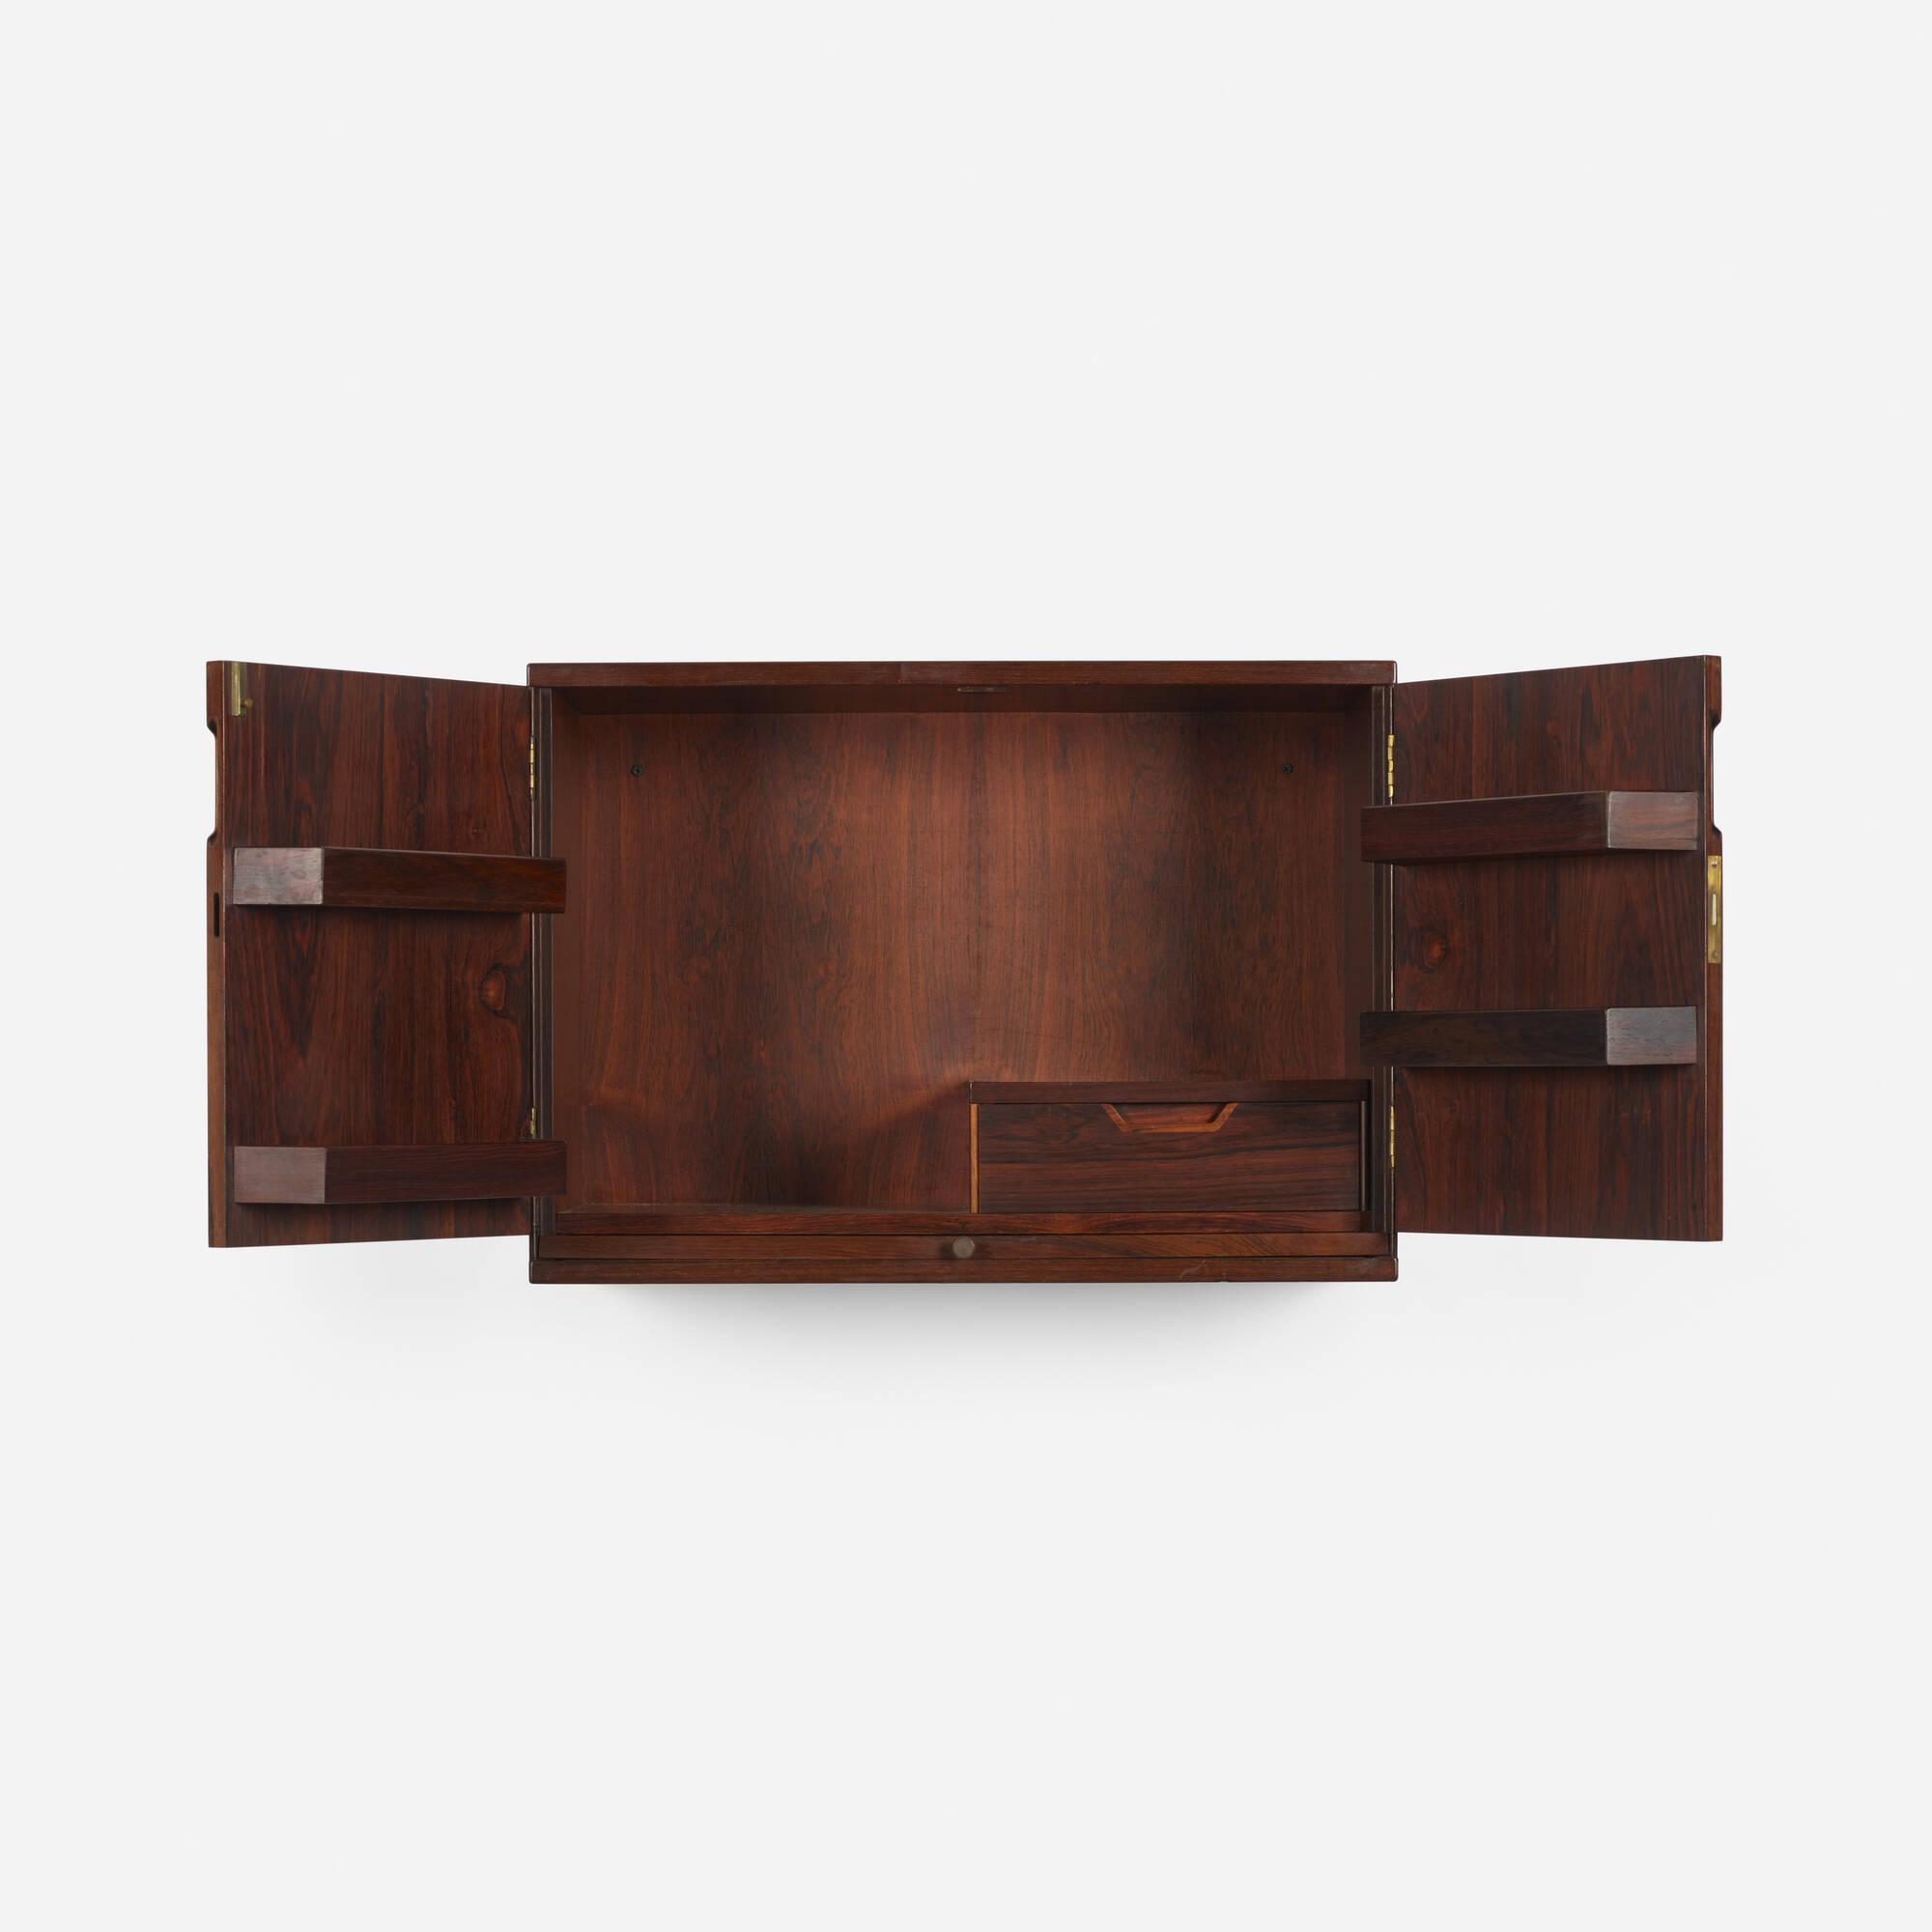 282: Svend Langkilde / hanging bar cabinet (3 of 3)